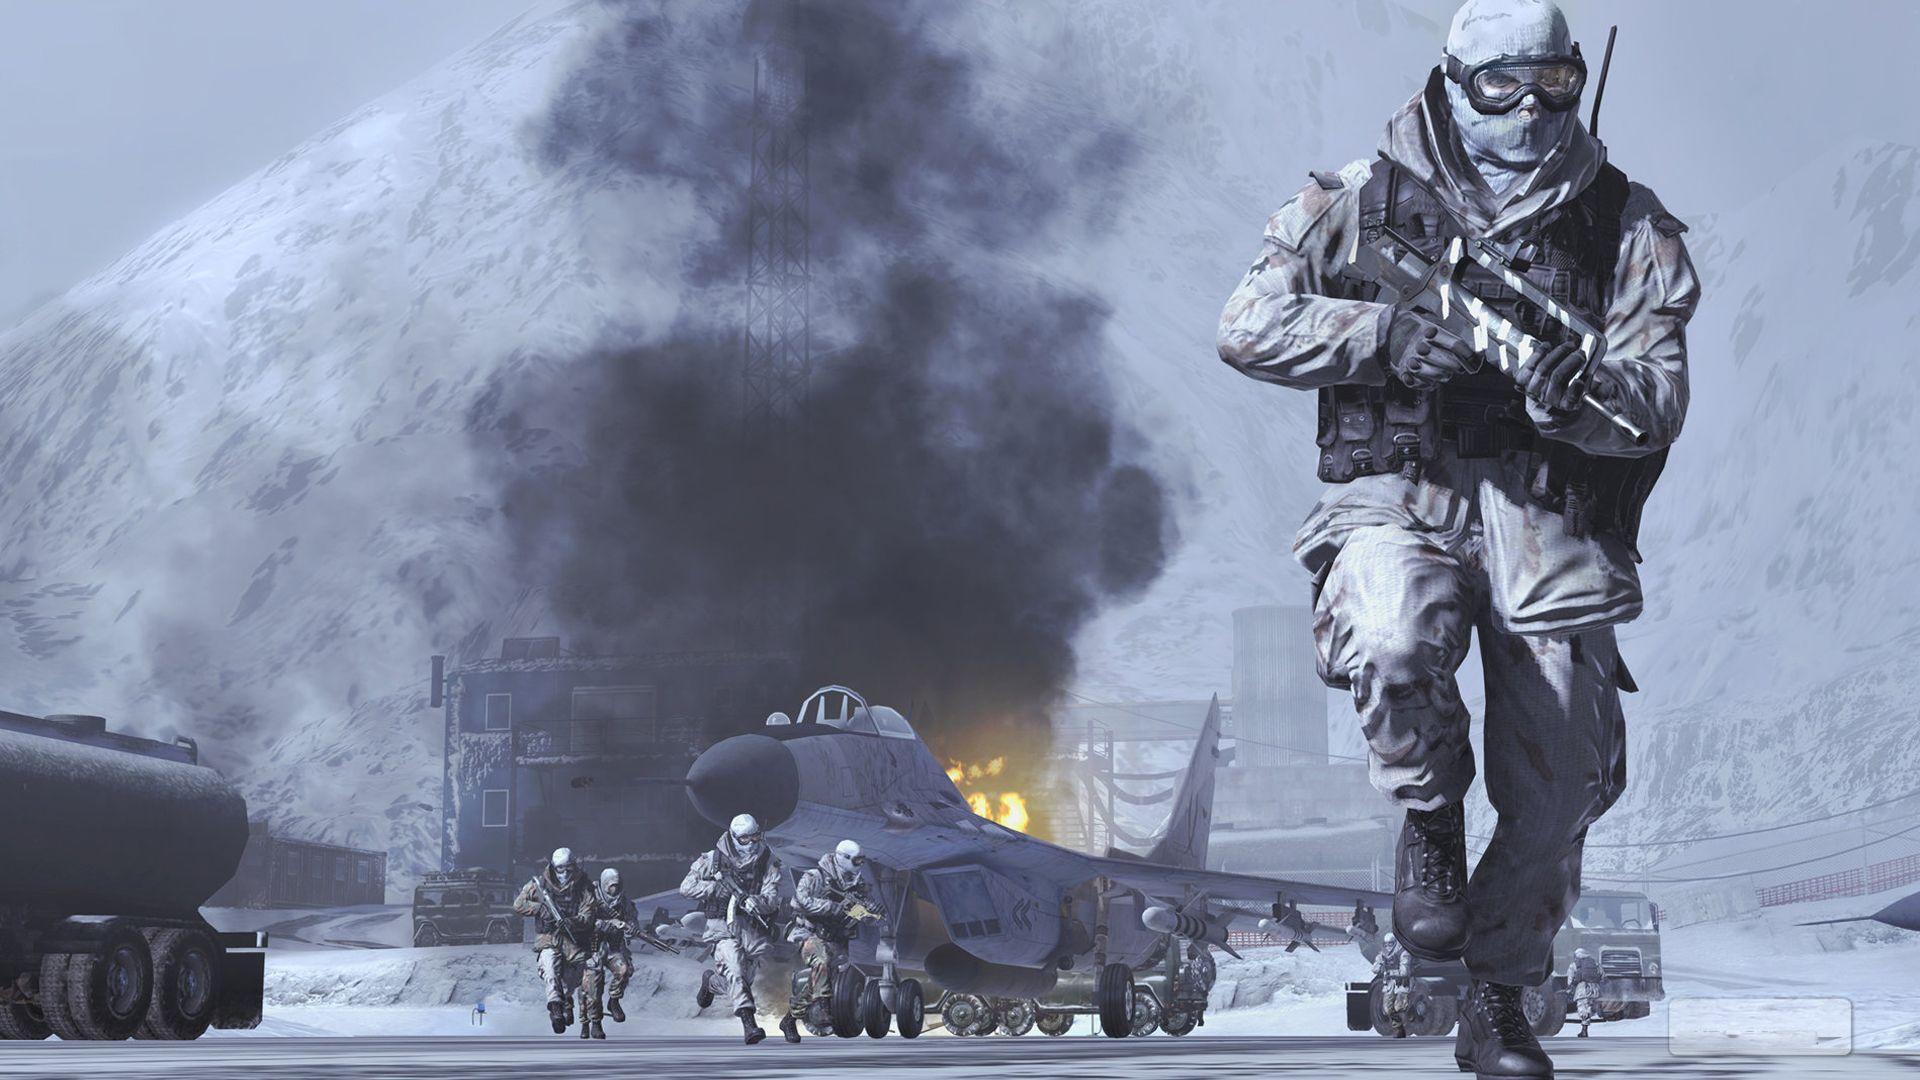 wallpapers de call of duty modern warfare y modern warfare 2 ...